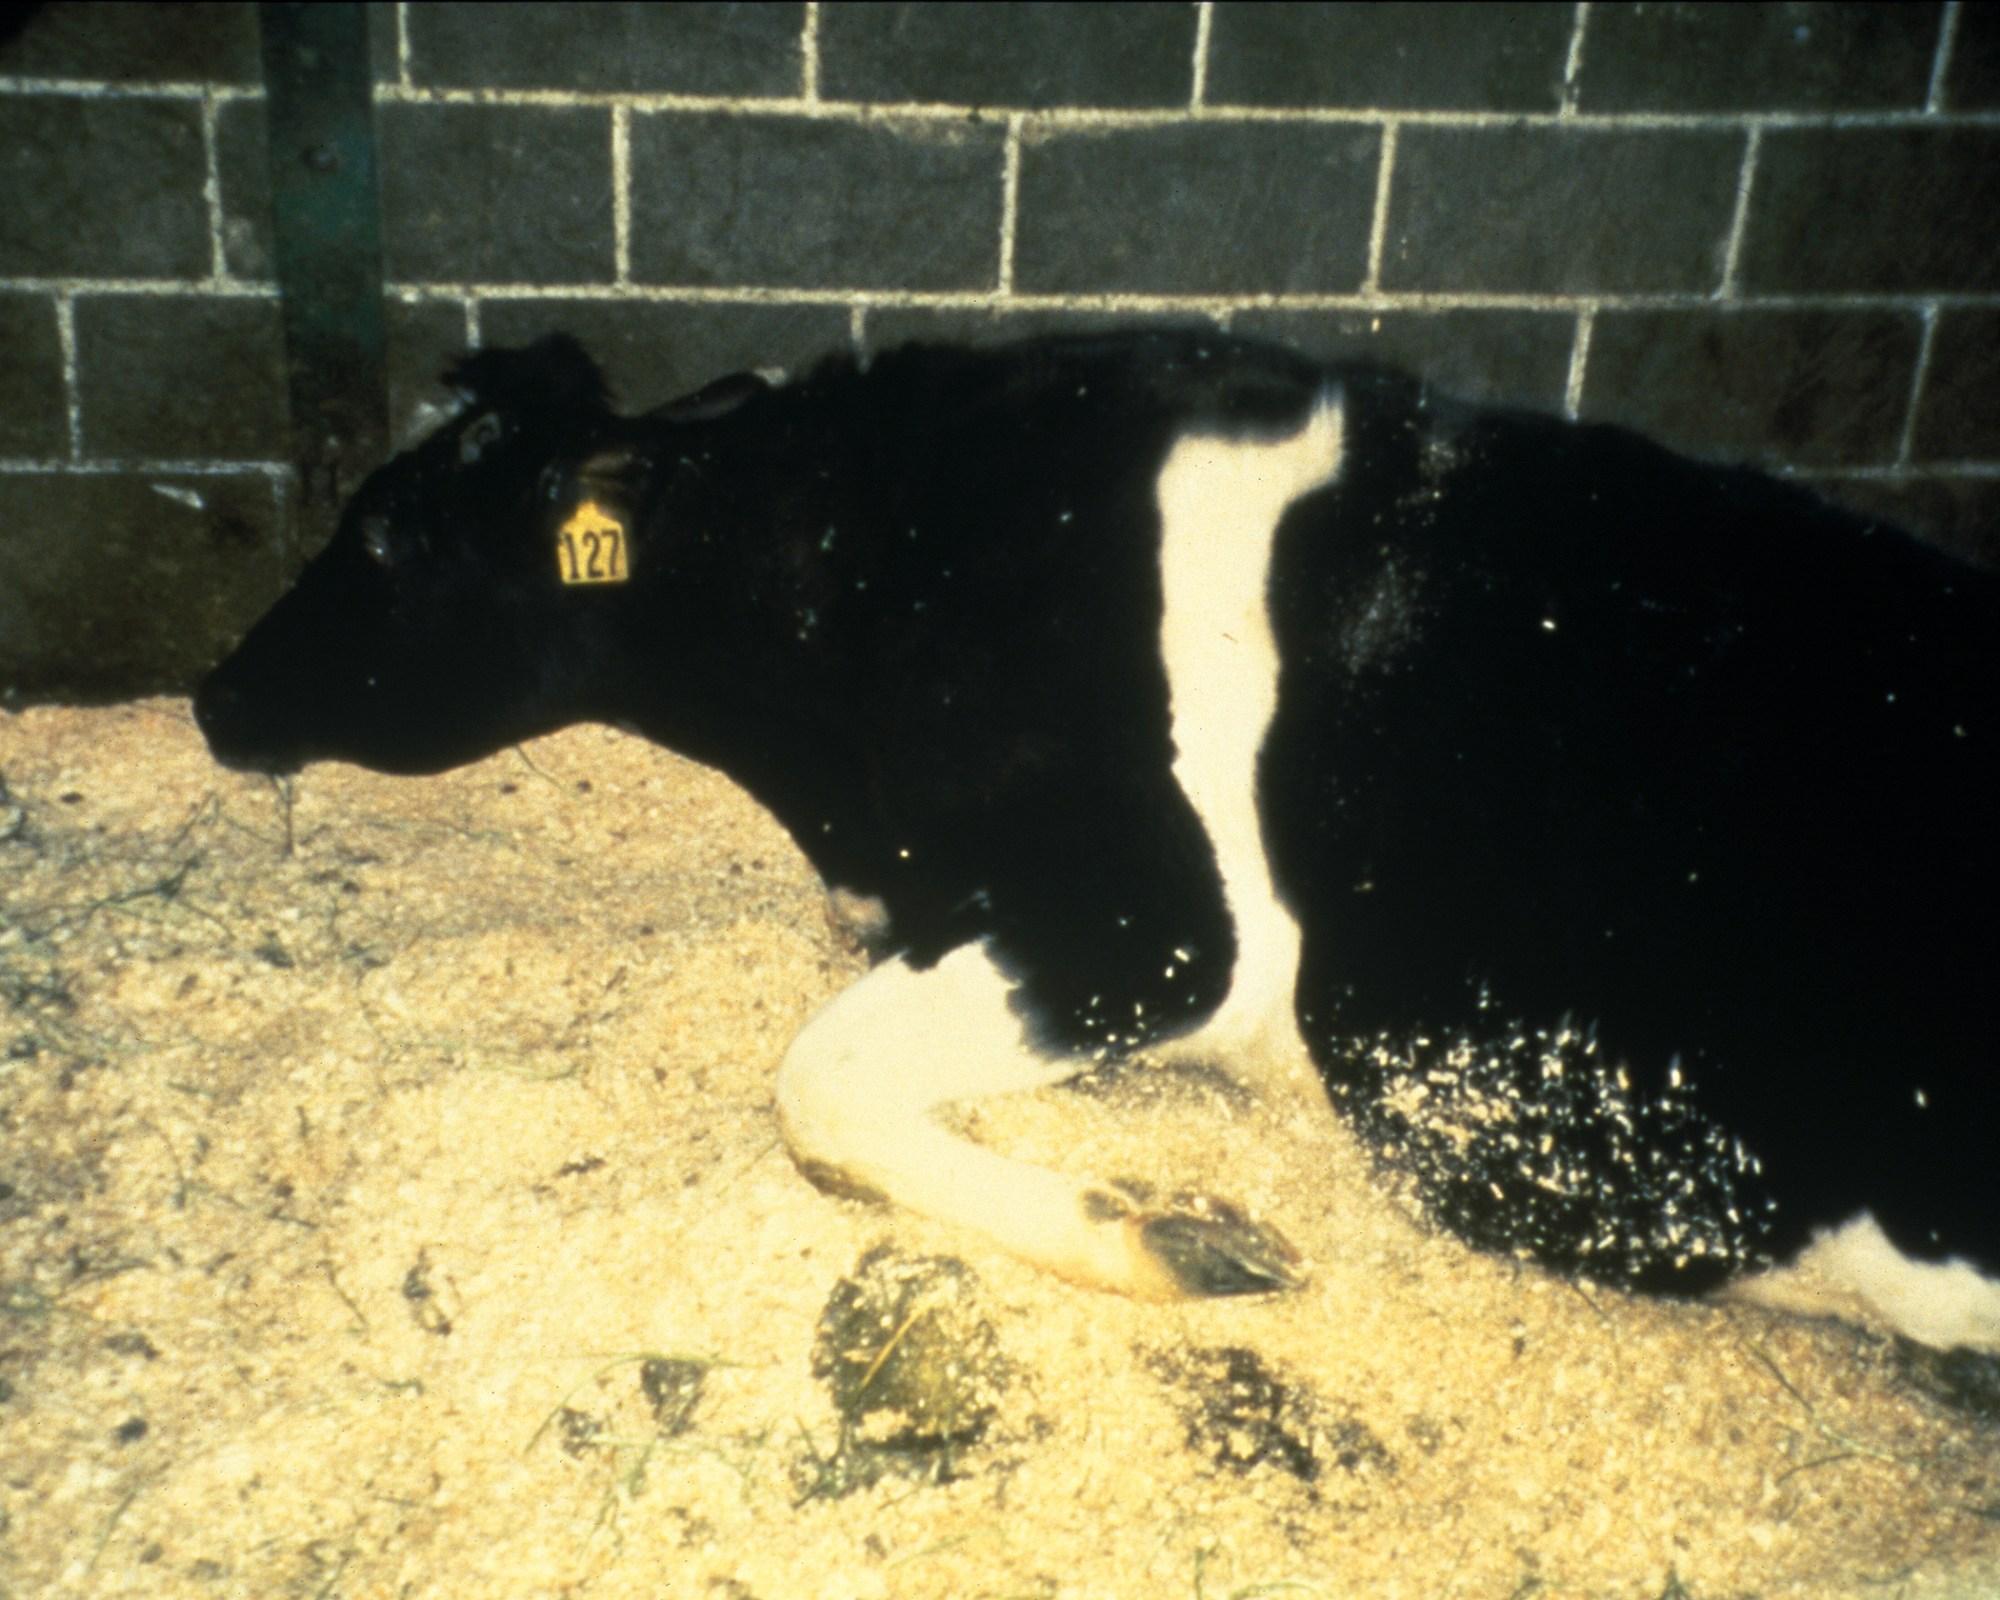 hight resolution of bovine spongiform encephalopathy